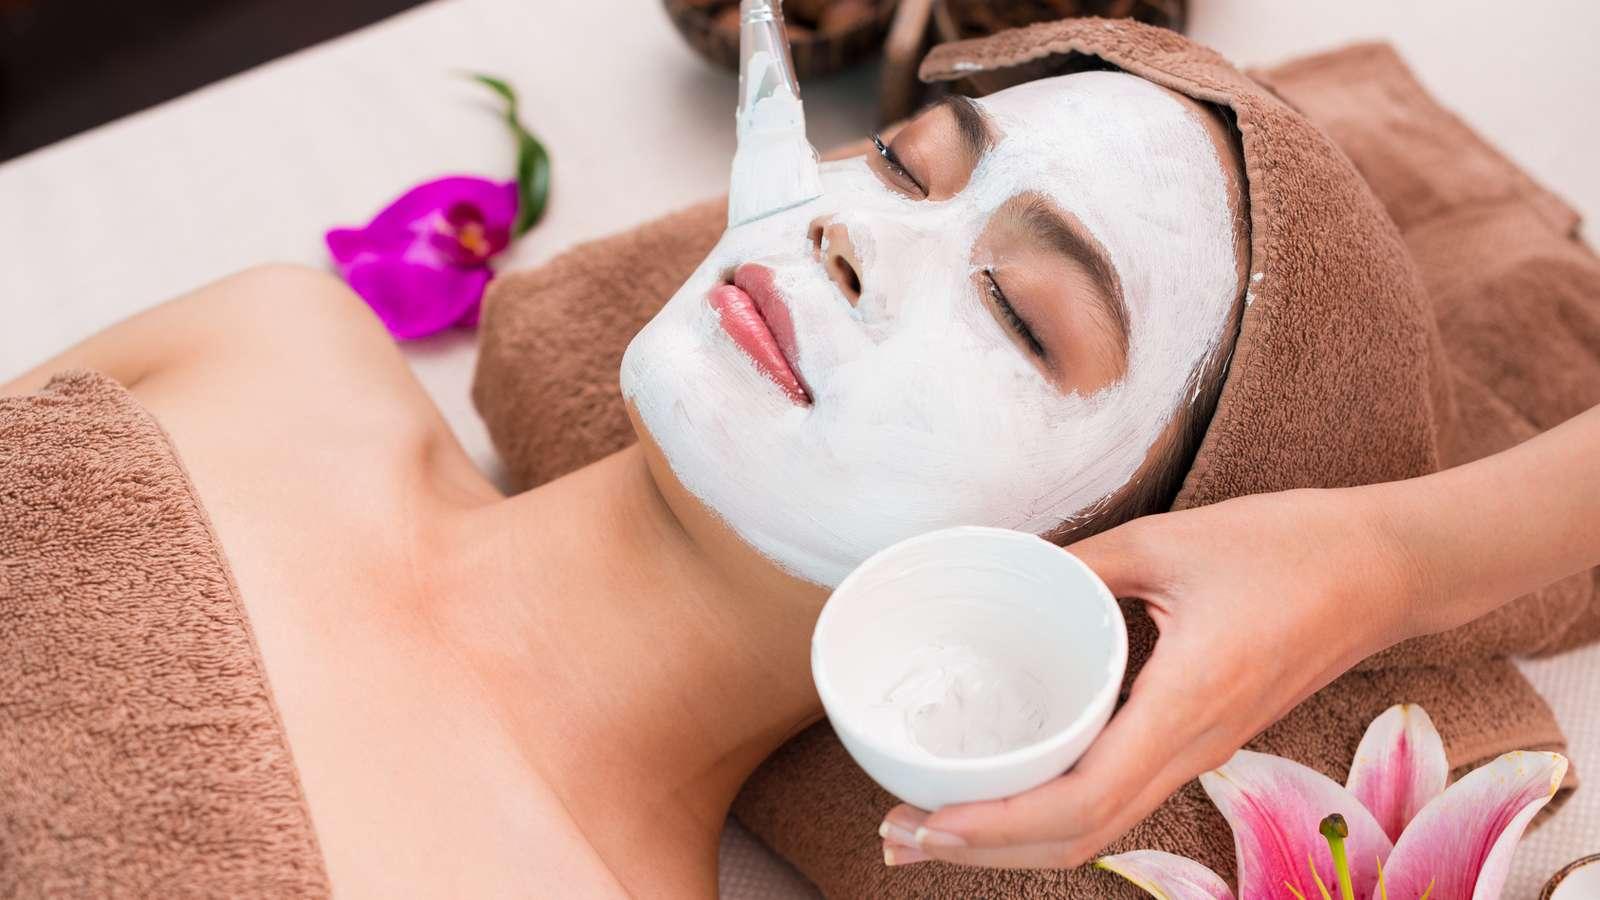 Gesichtsmaske selber machen antioxidantien gegen falten for Küchenplanung selbst machen